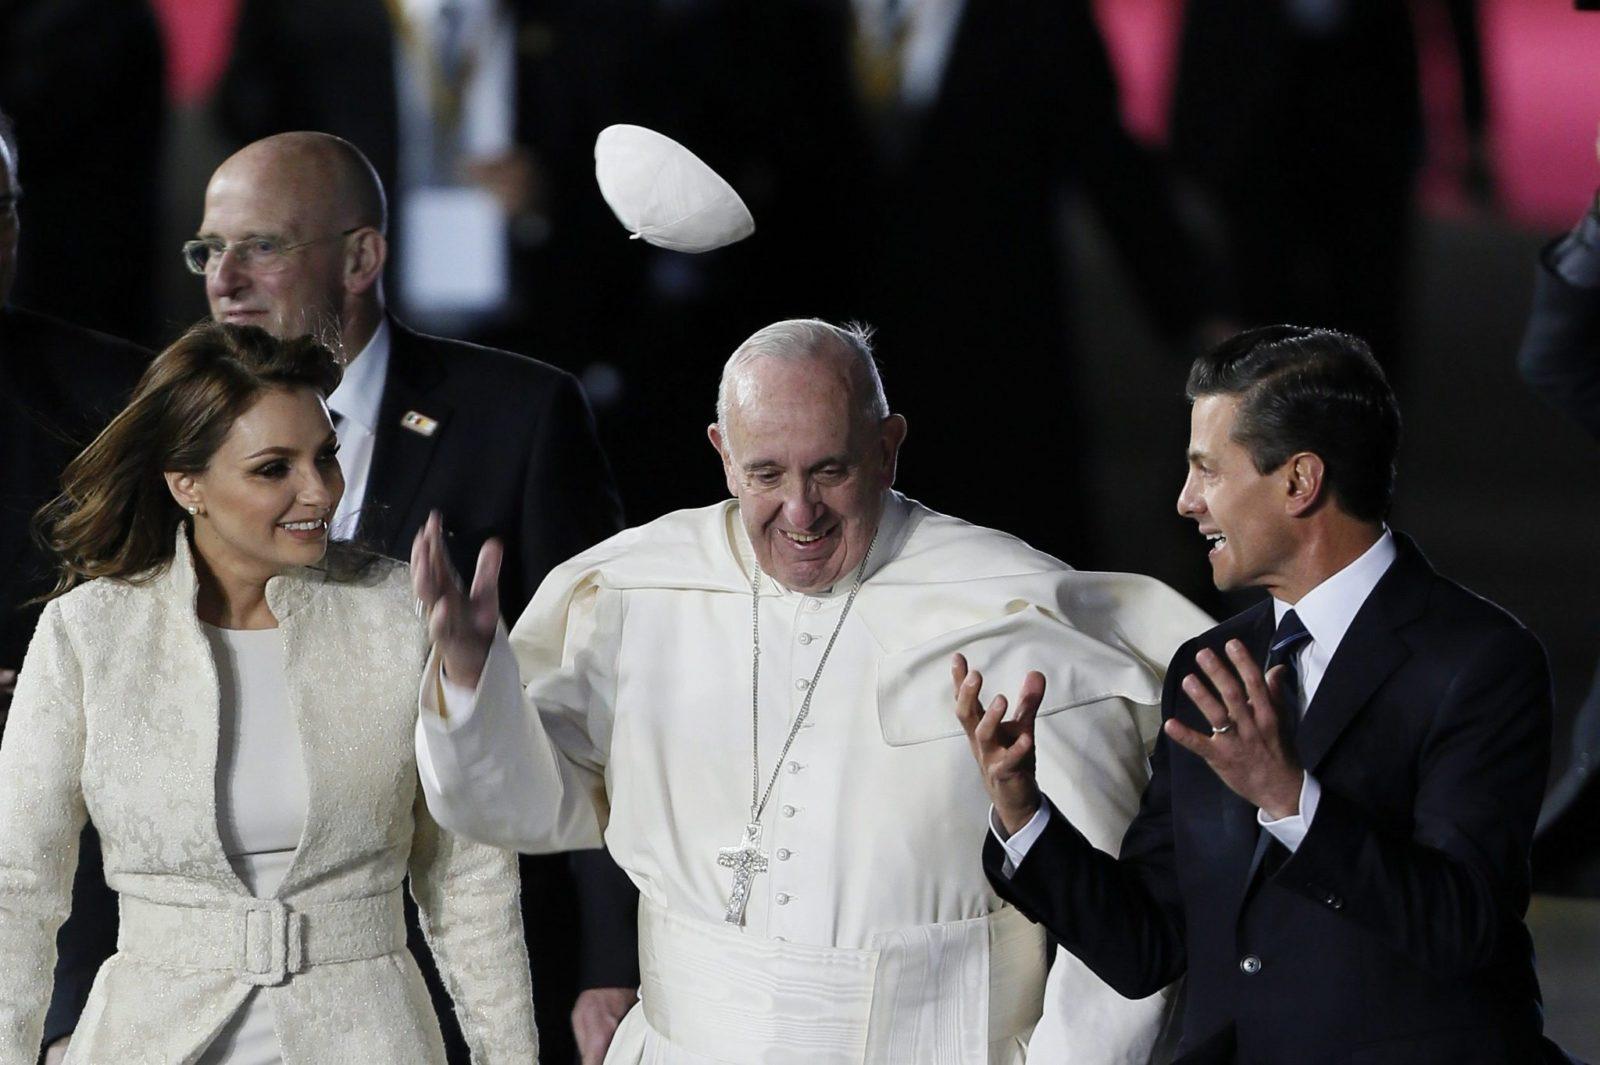 La prima giornata di Papa Francesco in Messico minuto per minuto. Diretta WEB dalle ore 17.00